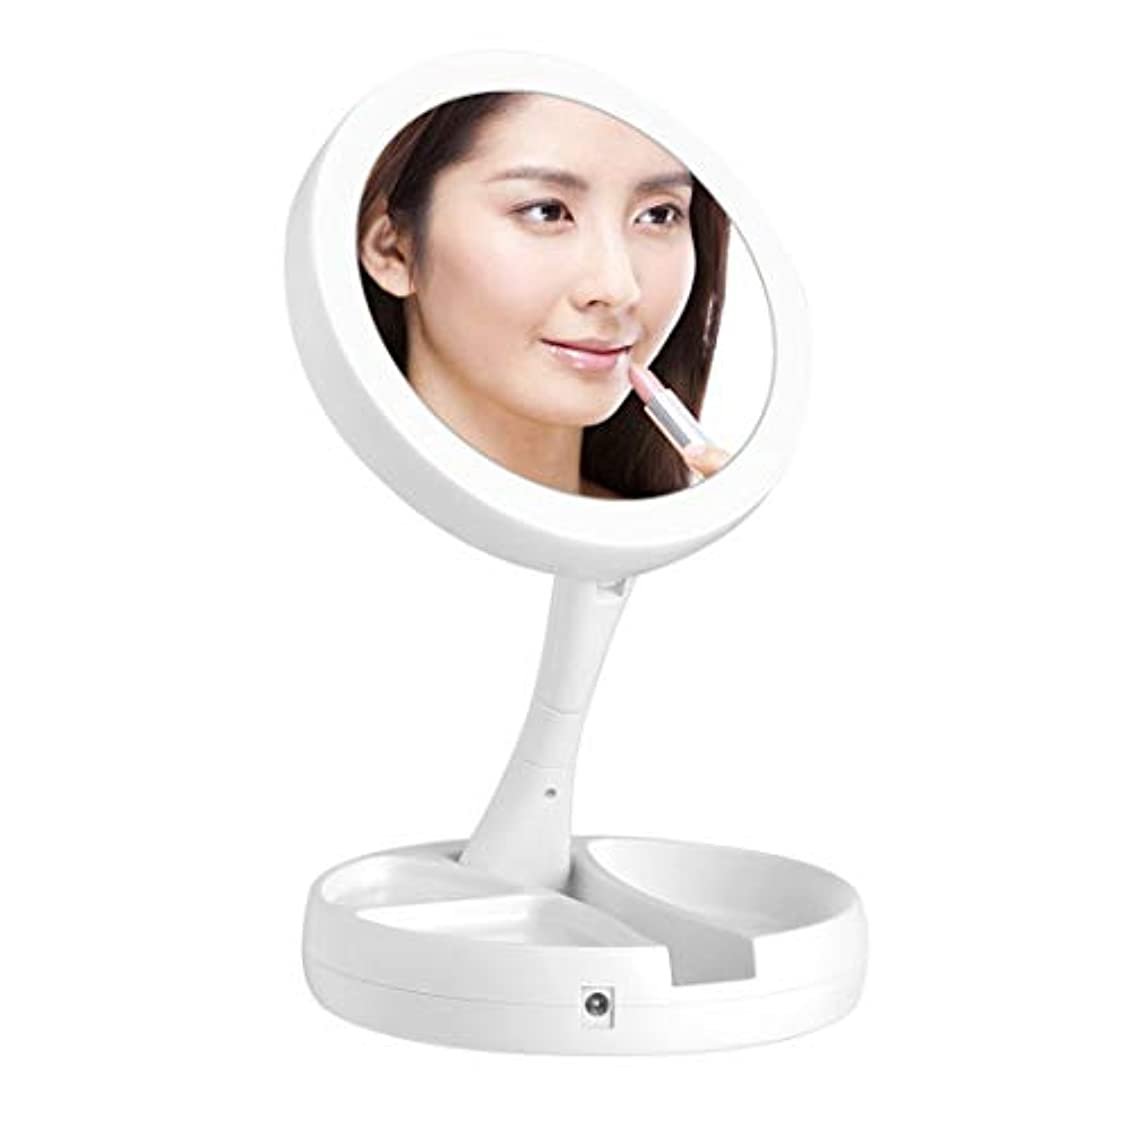 乳許す触覚kamaa化粧鏡 化粧ミラー 女優ミラー LED両面鏡 鏡 10倍拡大鏡付き 折り畳み式 卓上 テーブルランプUSB/電池給電 180°回転